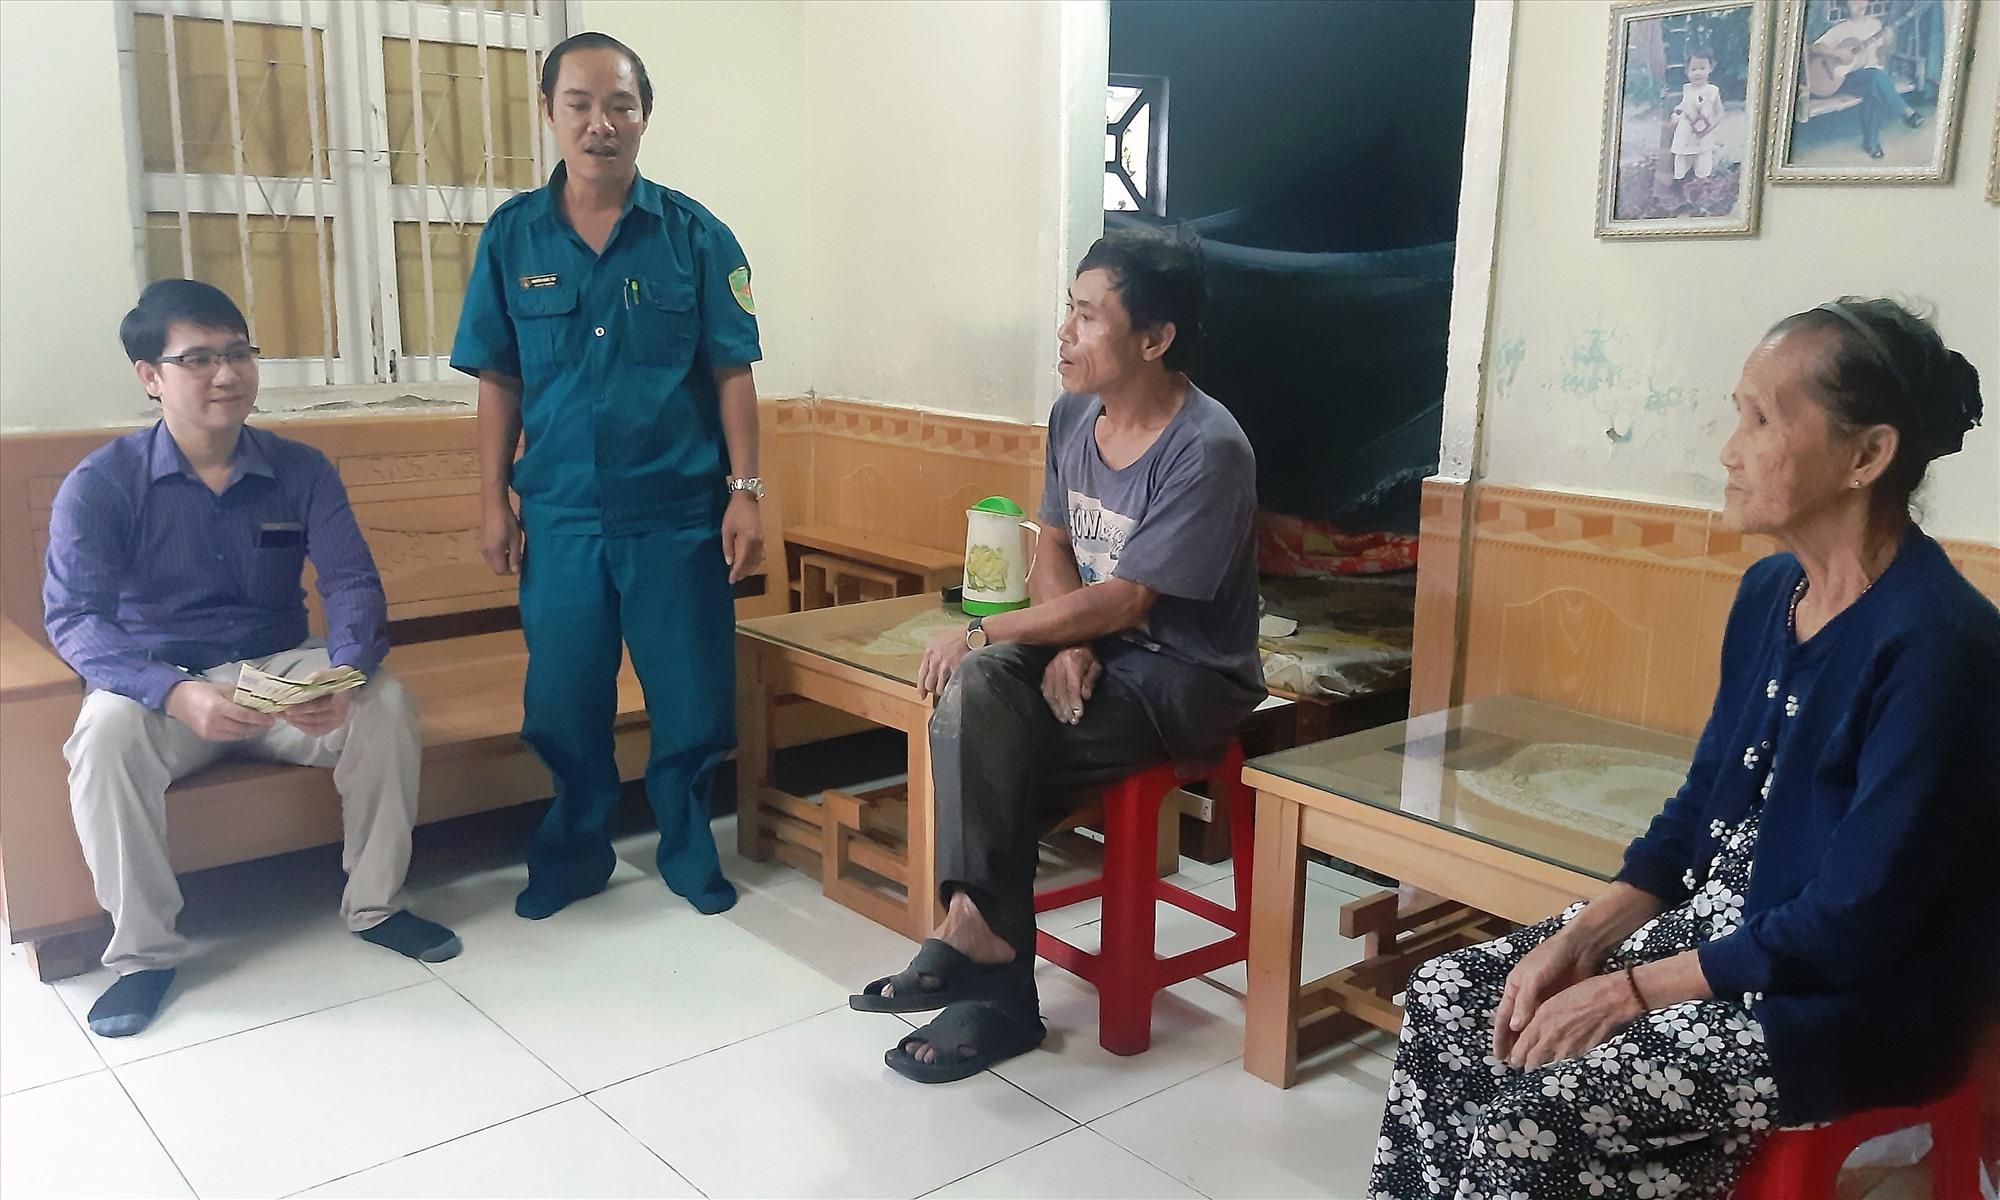 Cán bộ tư pháp và Ban CHQS phường An Sơn tuyên truyền Luật Nghĩa vụ quân sự cho gia đình thanh niên trong độ tuổi.